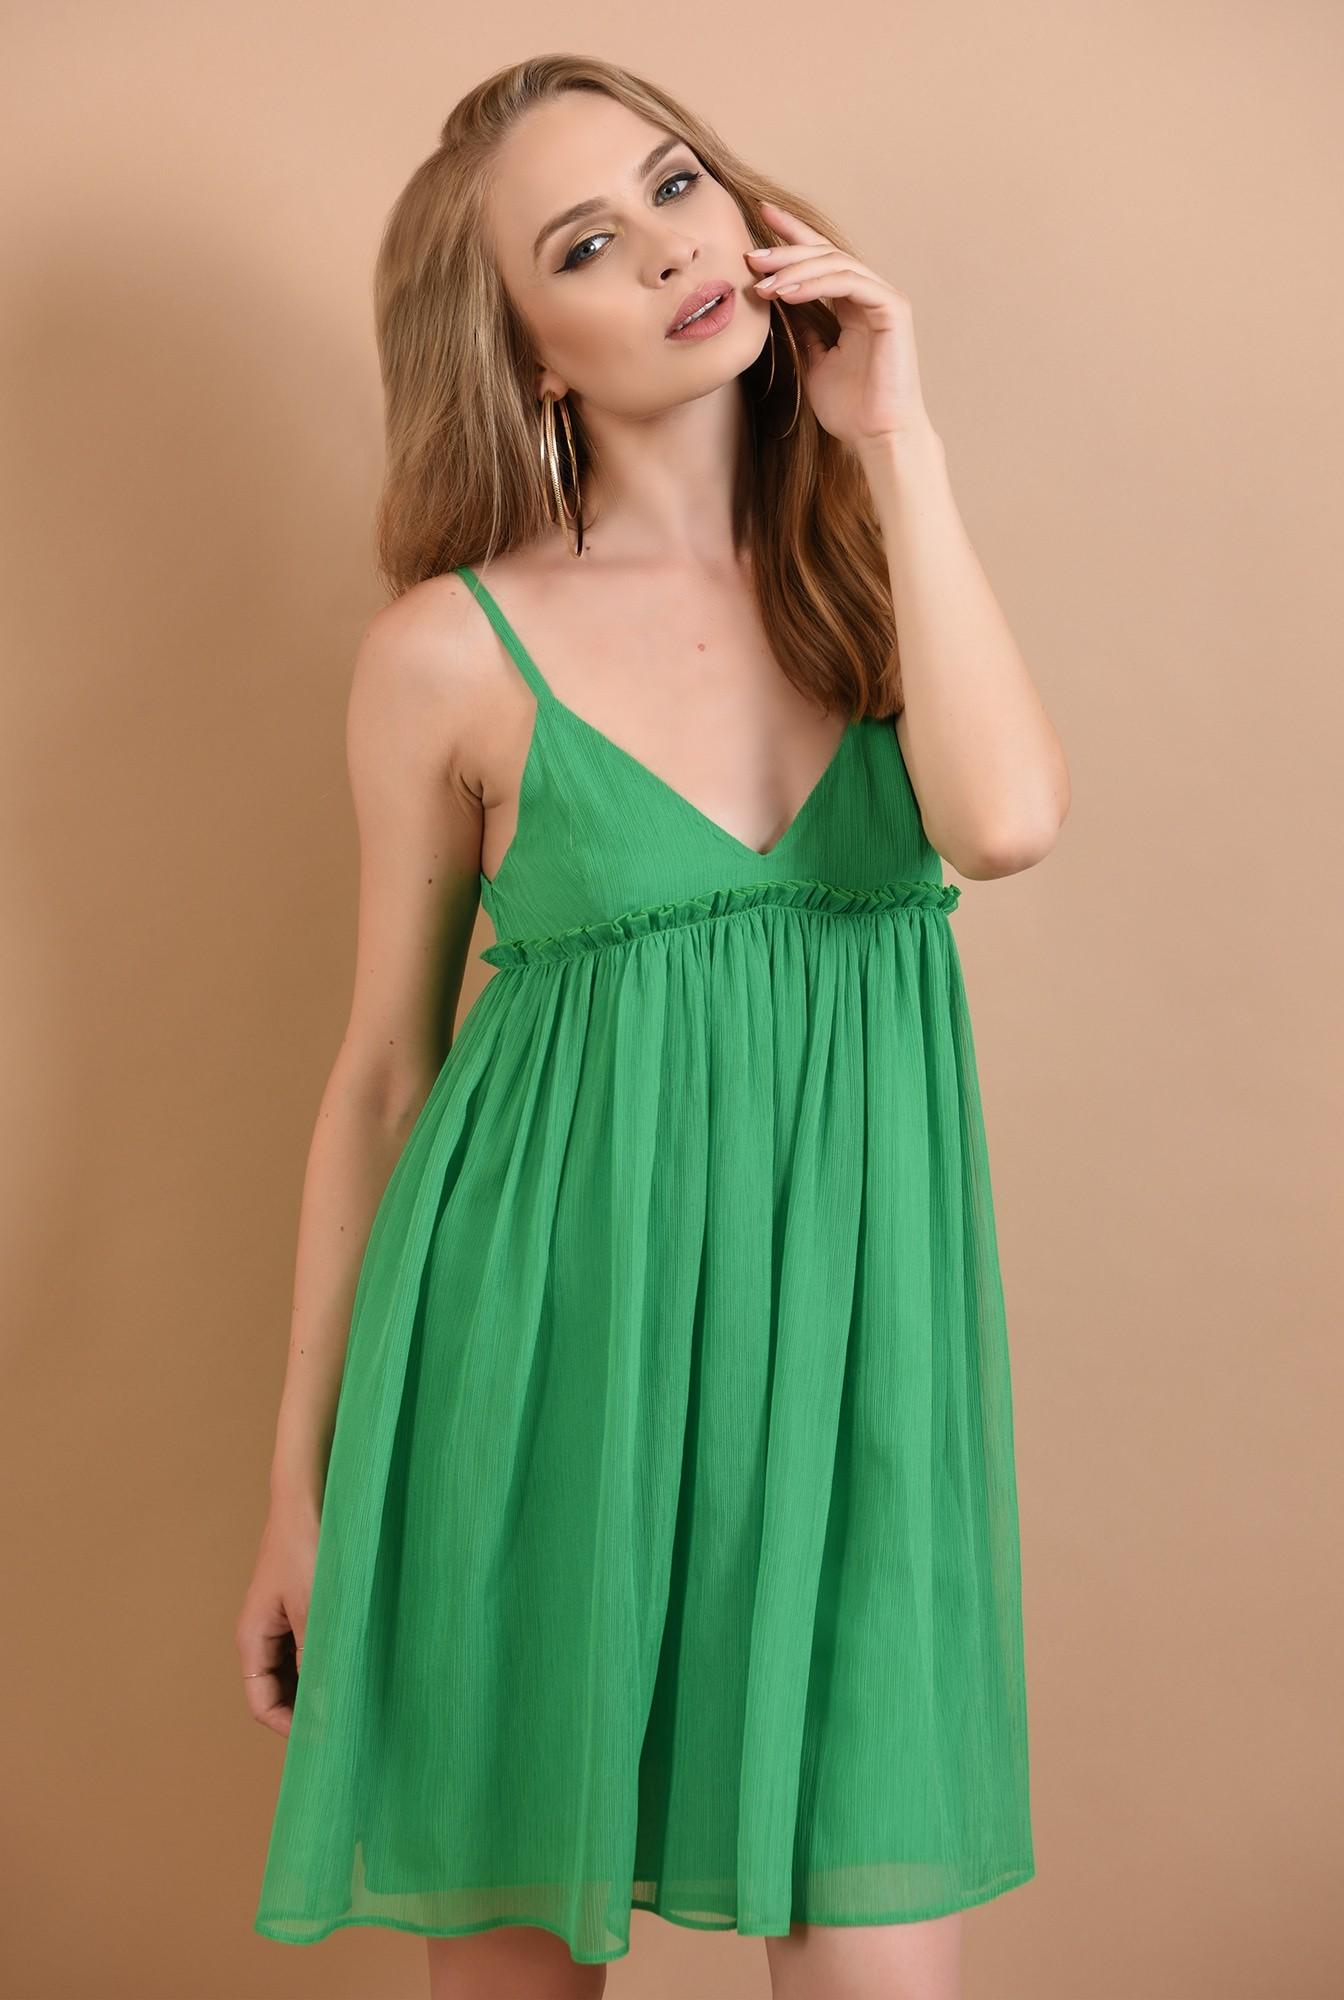 0 - 360 - rochie babydoll, verde, cu volan, Poema